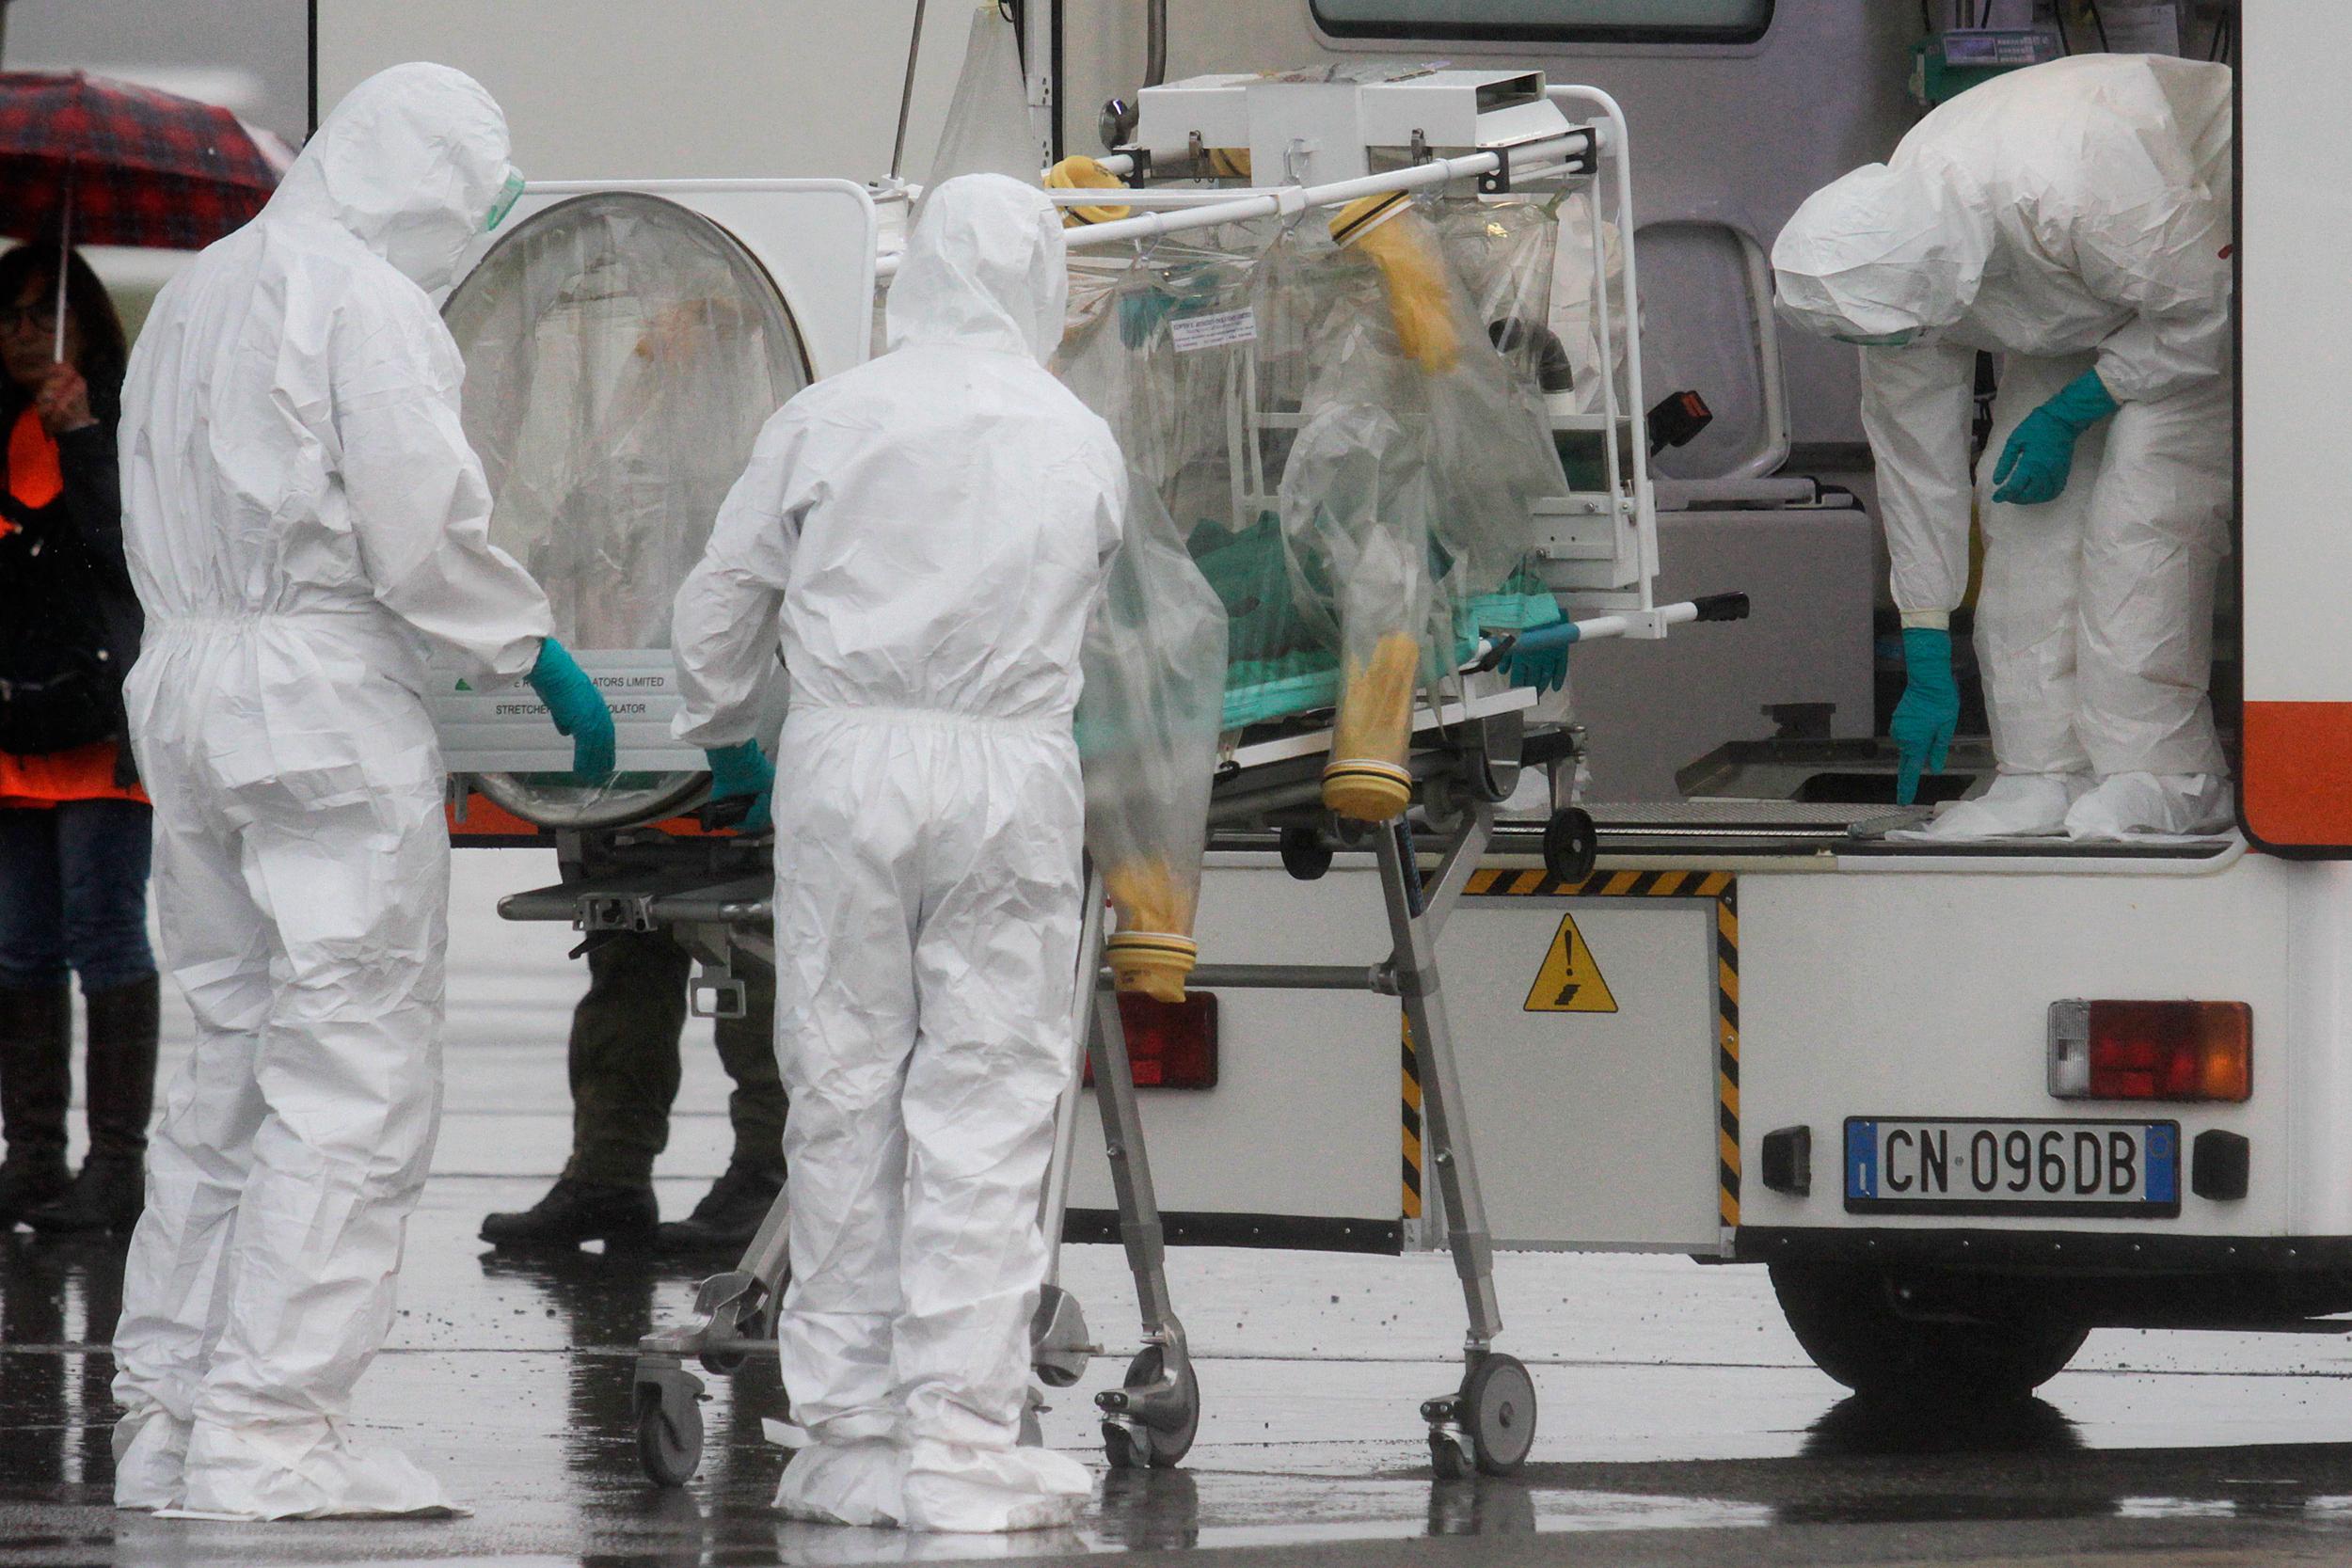 Epidemia care a ucis de trei ori mai mulți oameni decât Covid-19 și Ebola la un loc